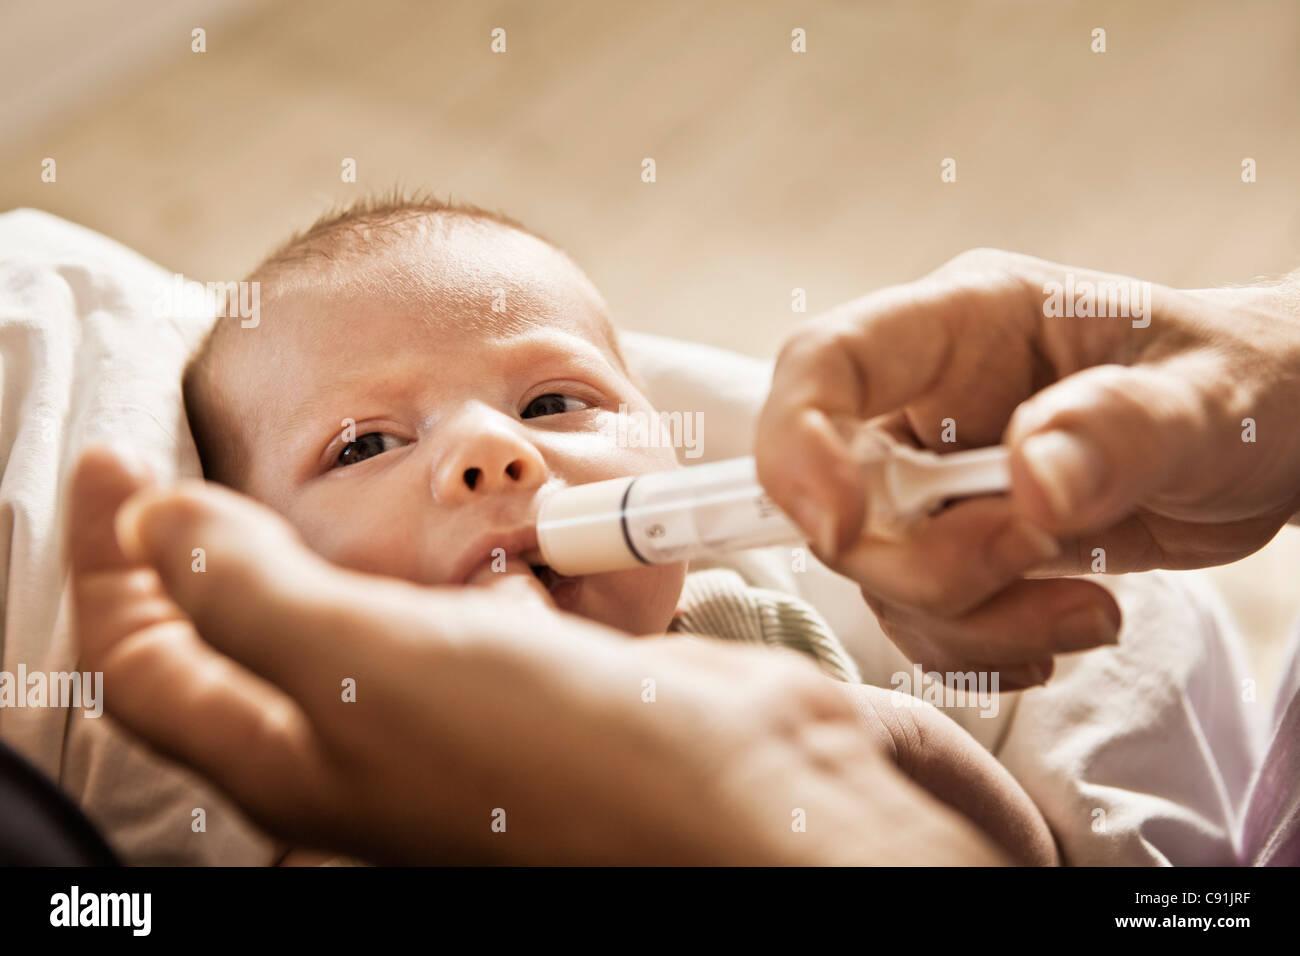 Parent feeding infant with syringe - Stock Image